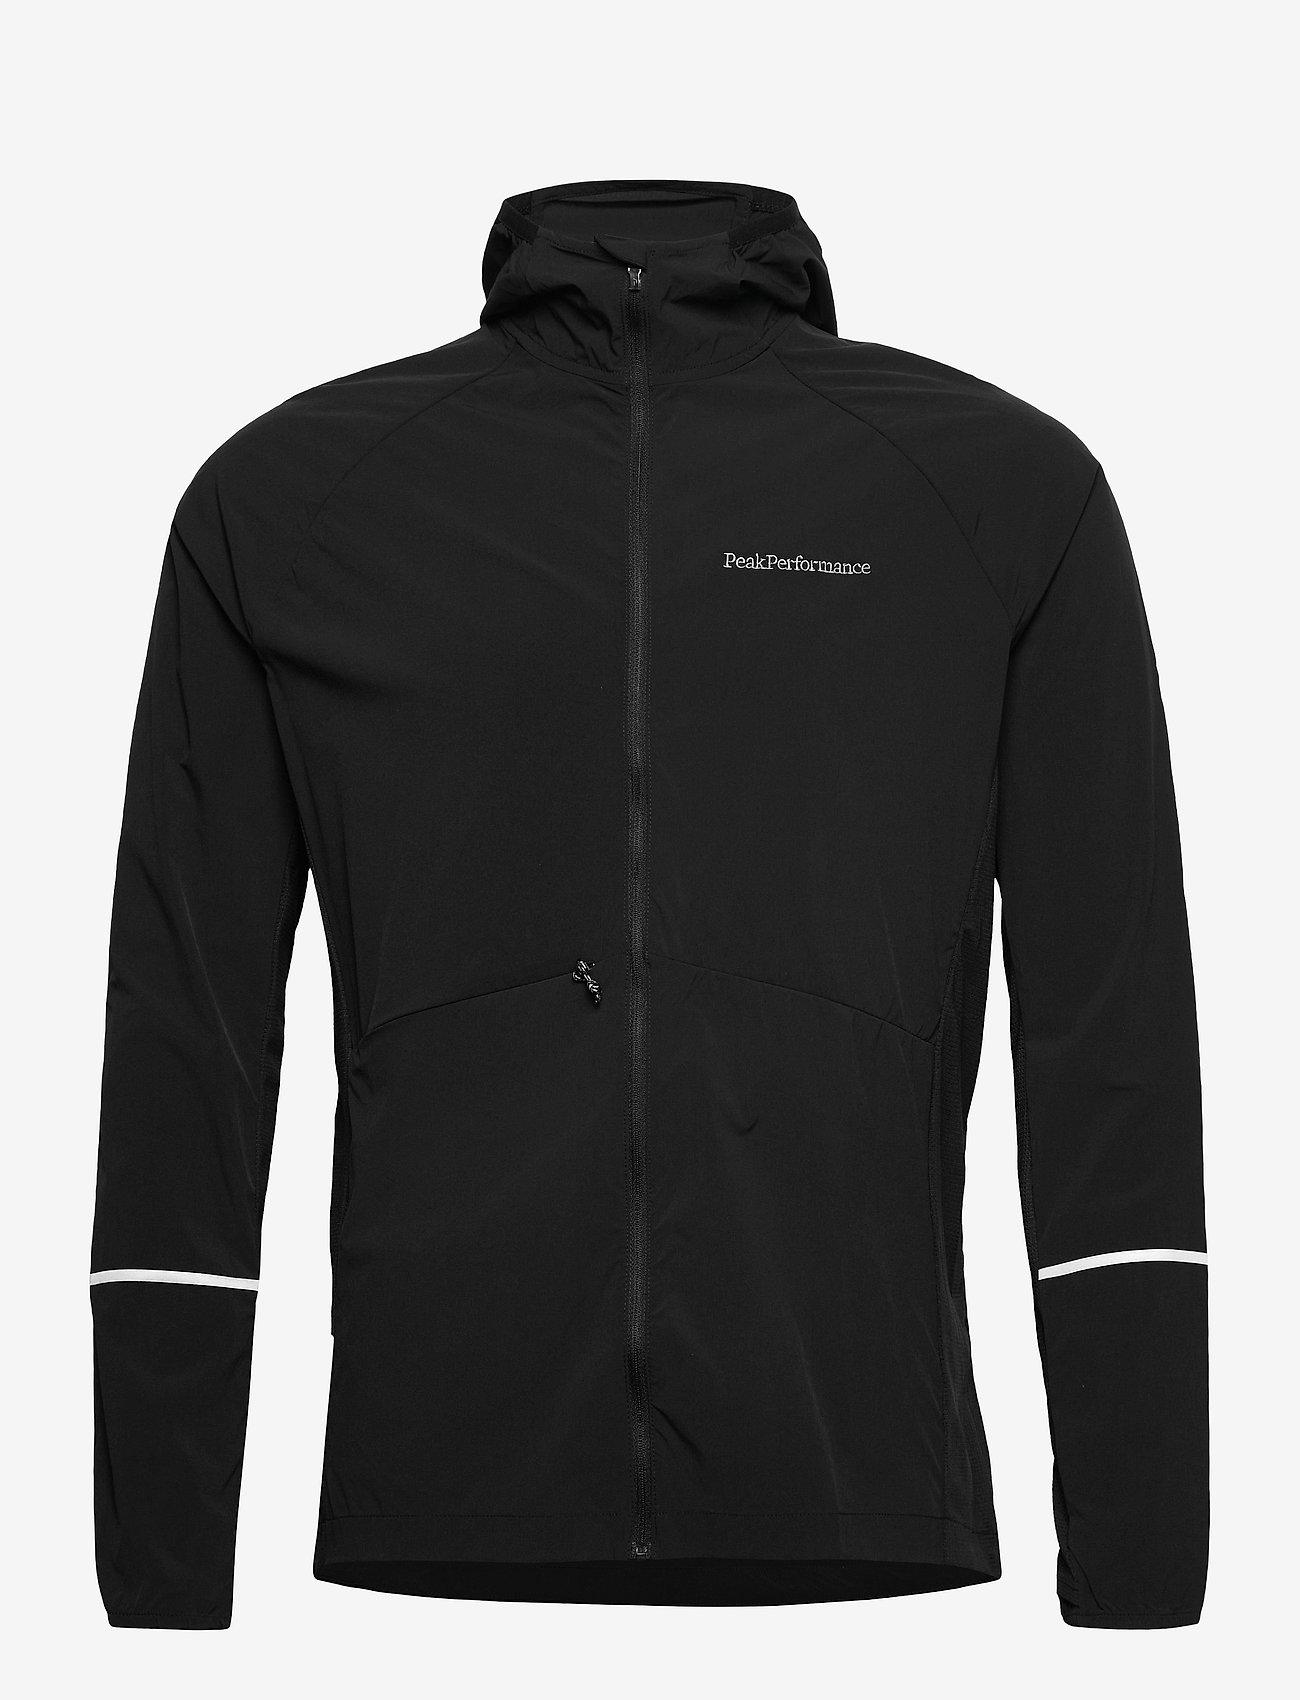 Peak Performance - M Alum Light Jacket - ulkoilu- & sadetakit - black - 0